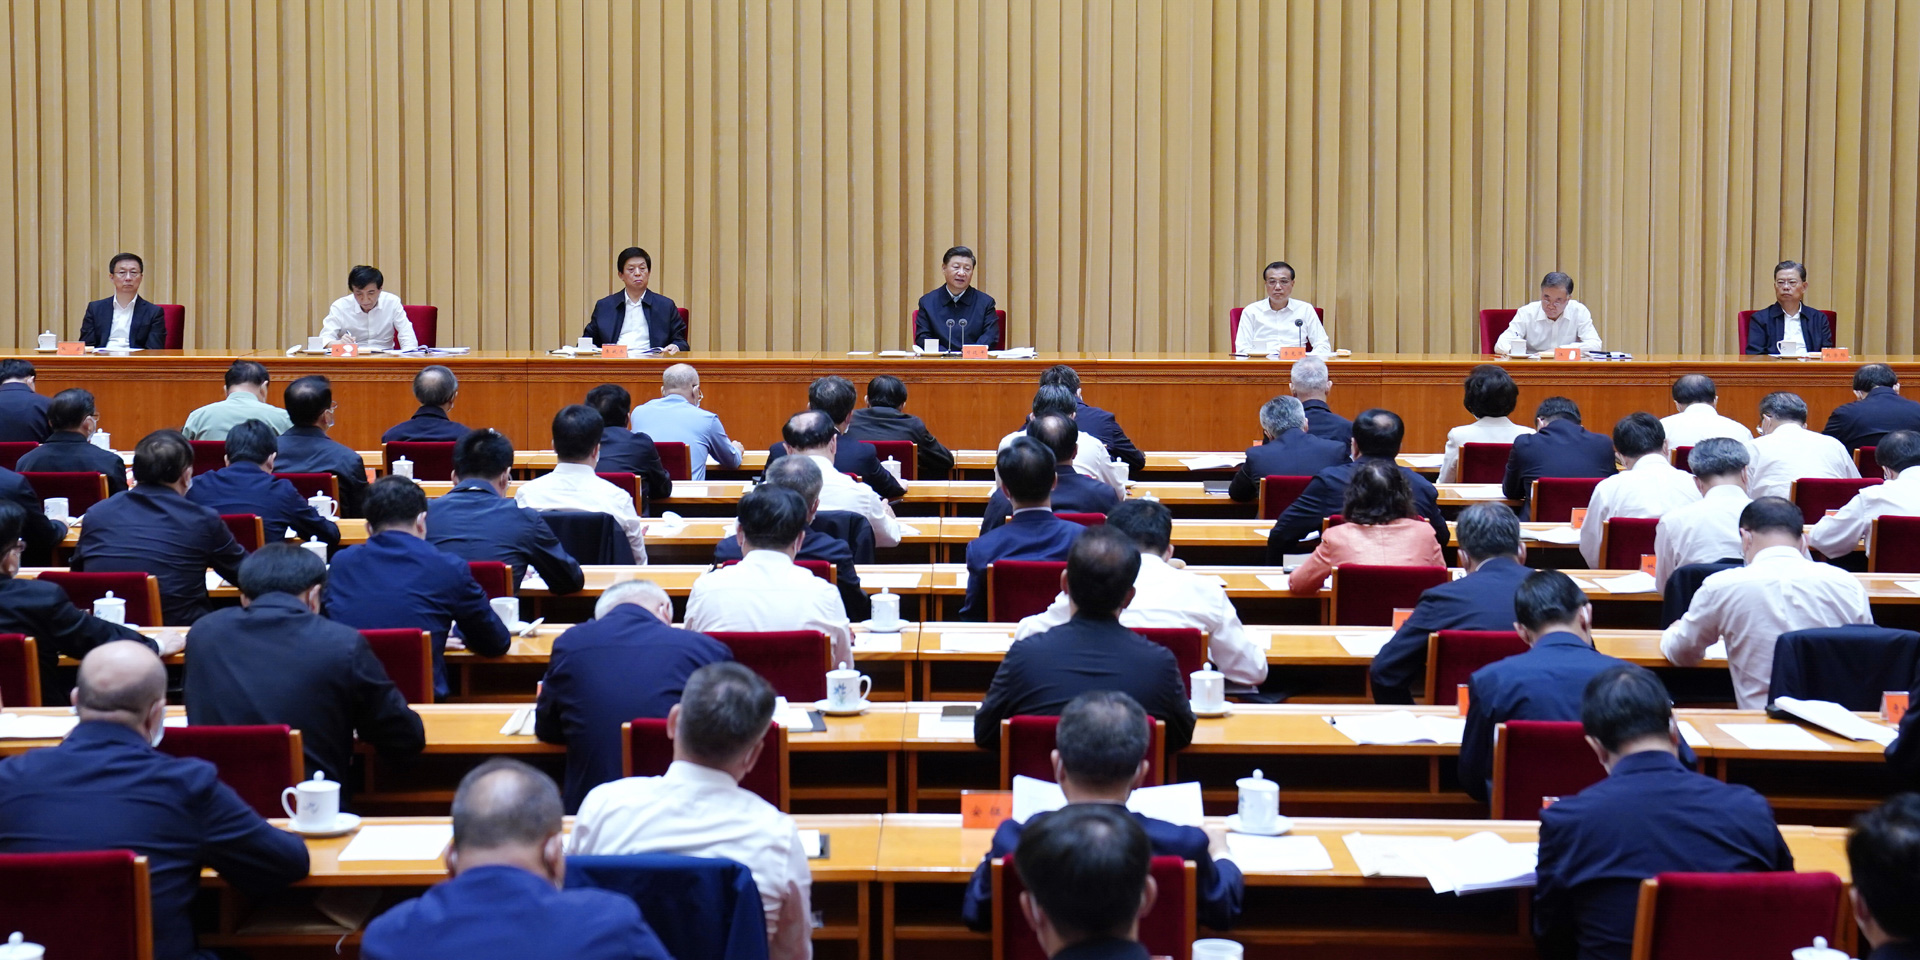 努力建设新时代中国特色社会主义新疆。